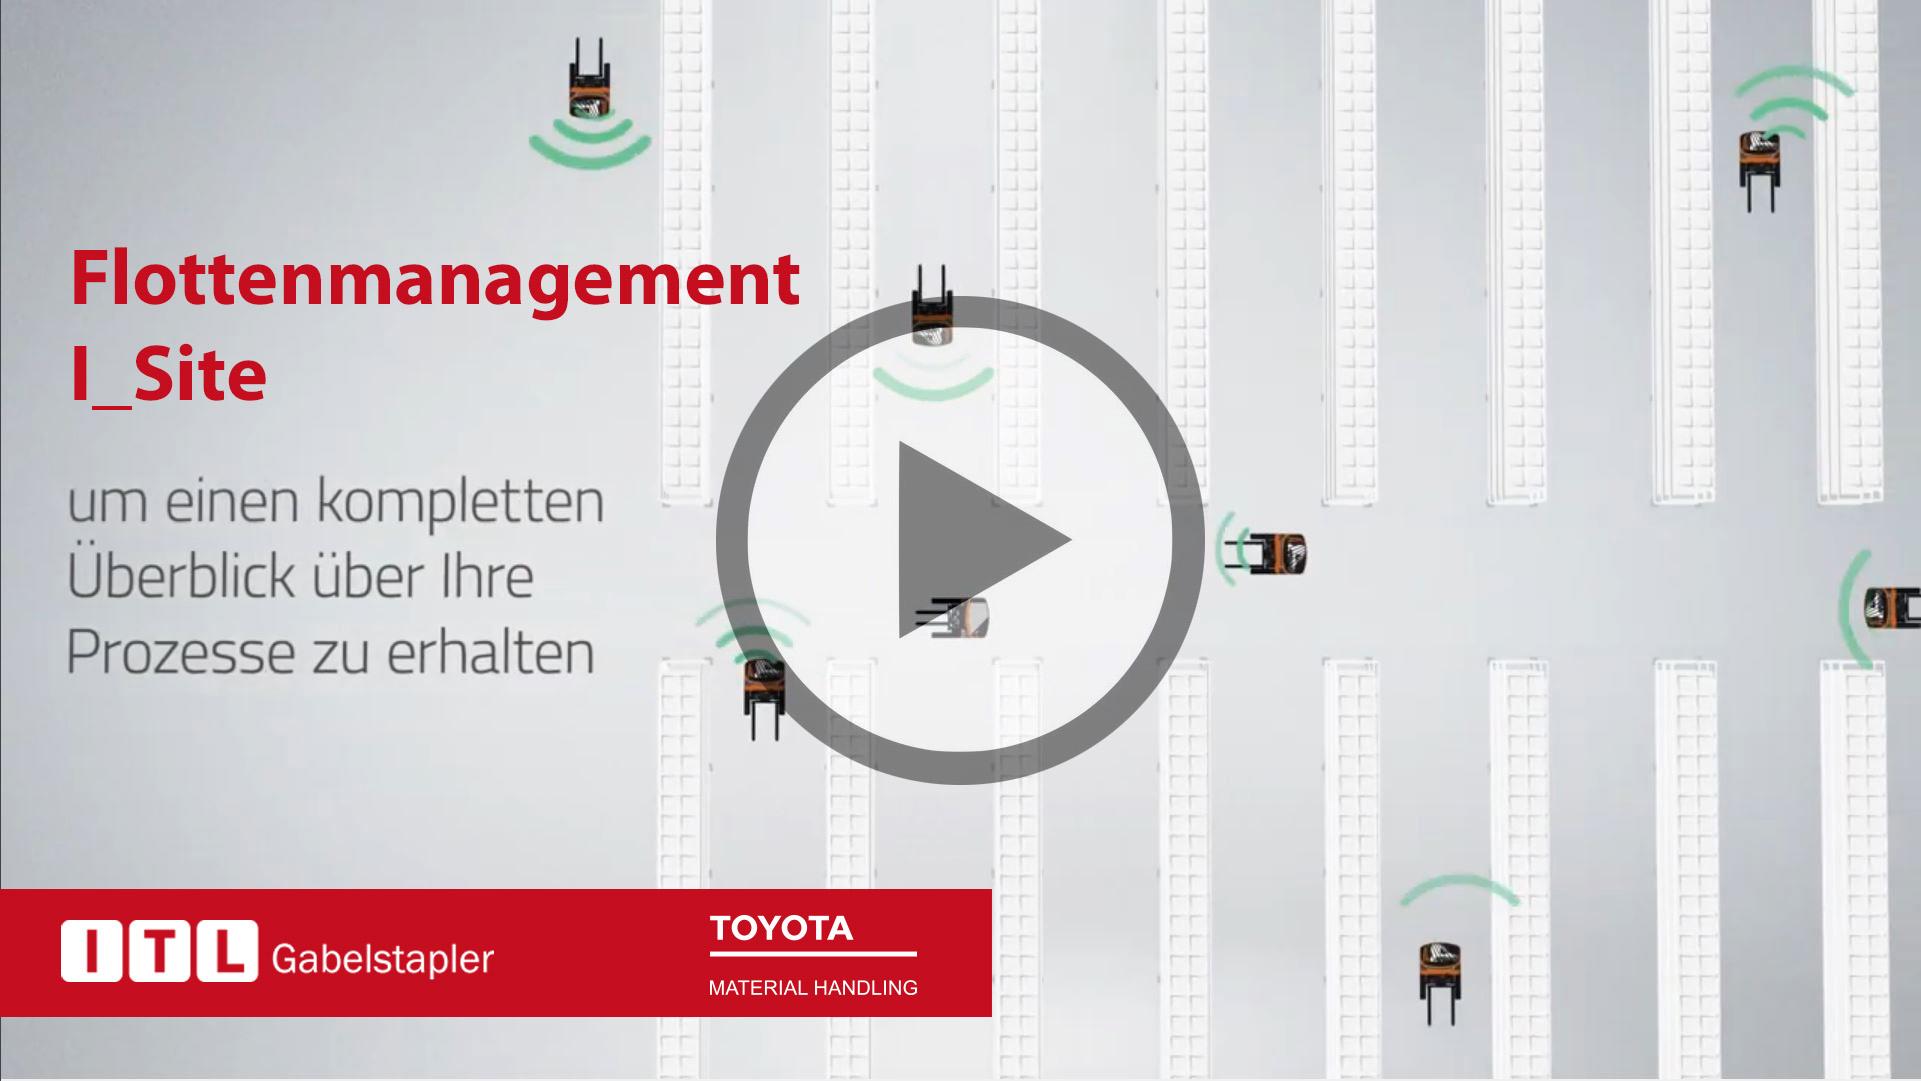 Toyota-Gabelstapler-itl gabelstapler flottenmanagement i site play